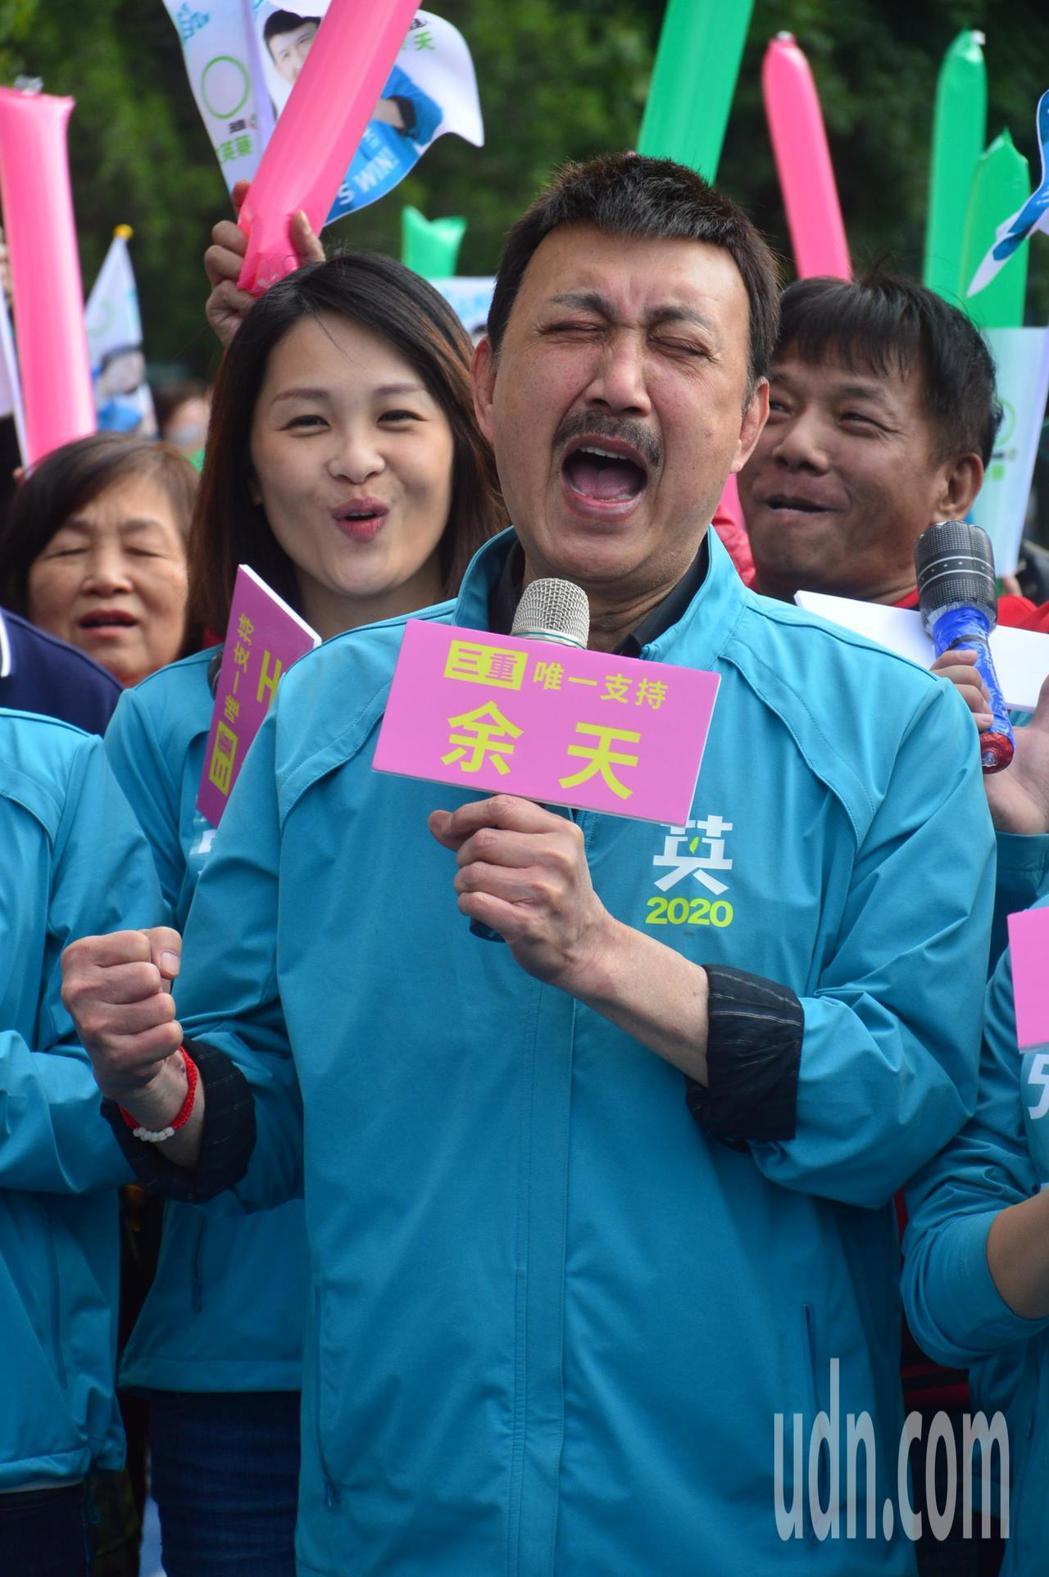 新北立委參選人余天(右二)提到二女兒余苑綺病情轉好,興奮大叫。記者施鴻基/攝影